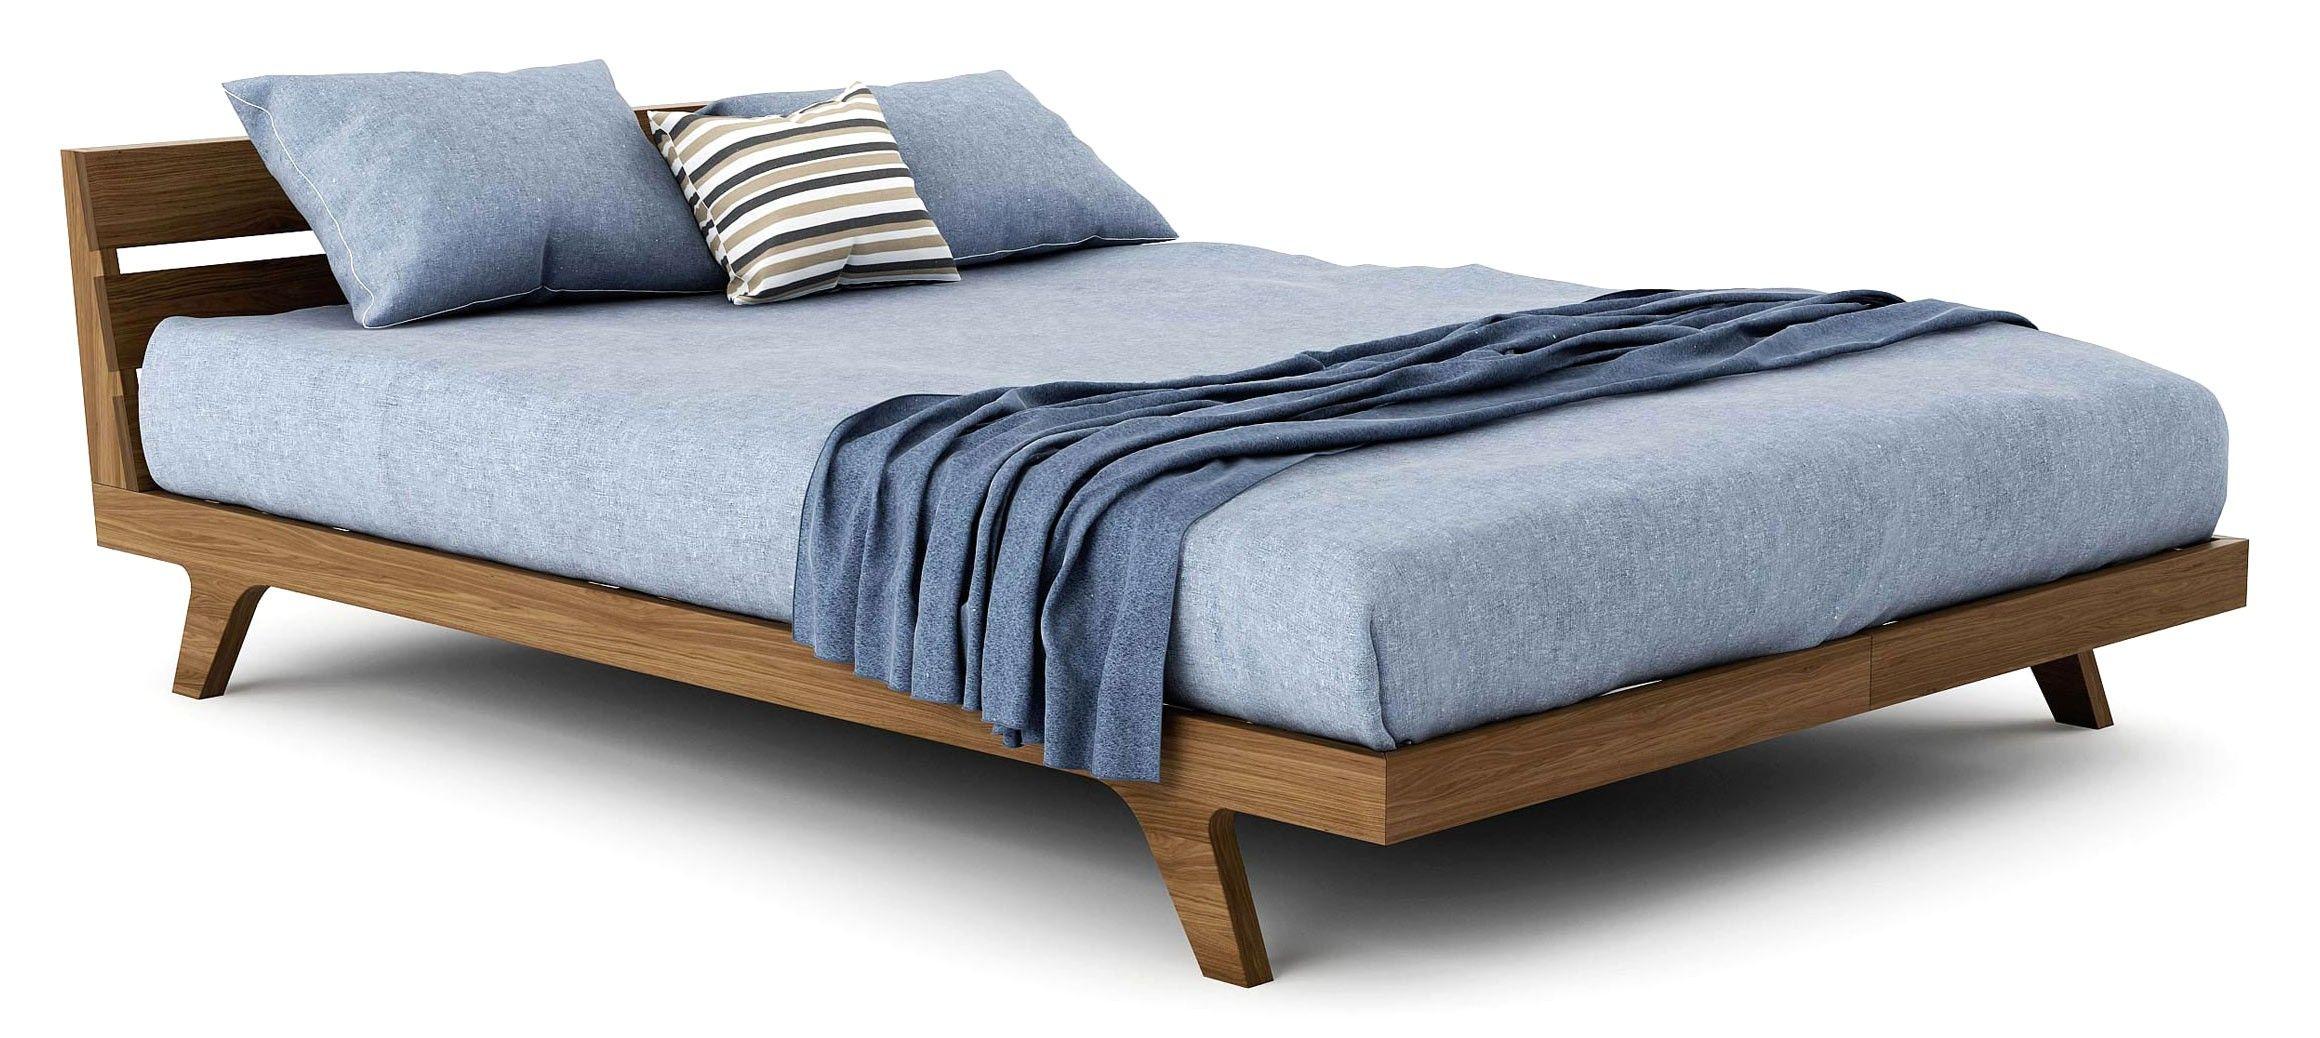 Palder Bed Wood Platform Bed Modern Bed Bed Frame